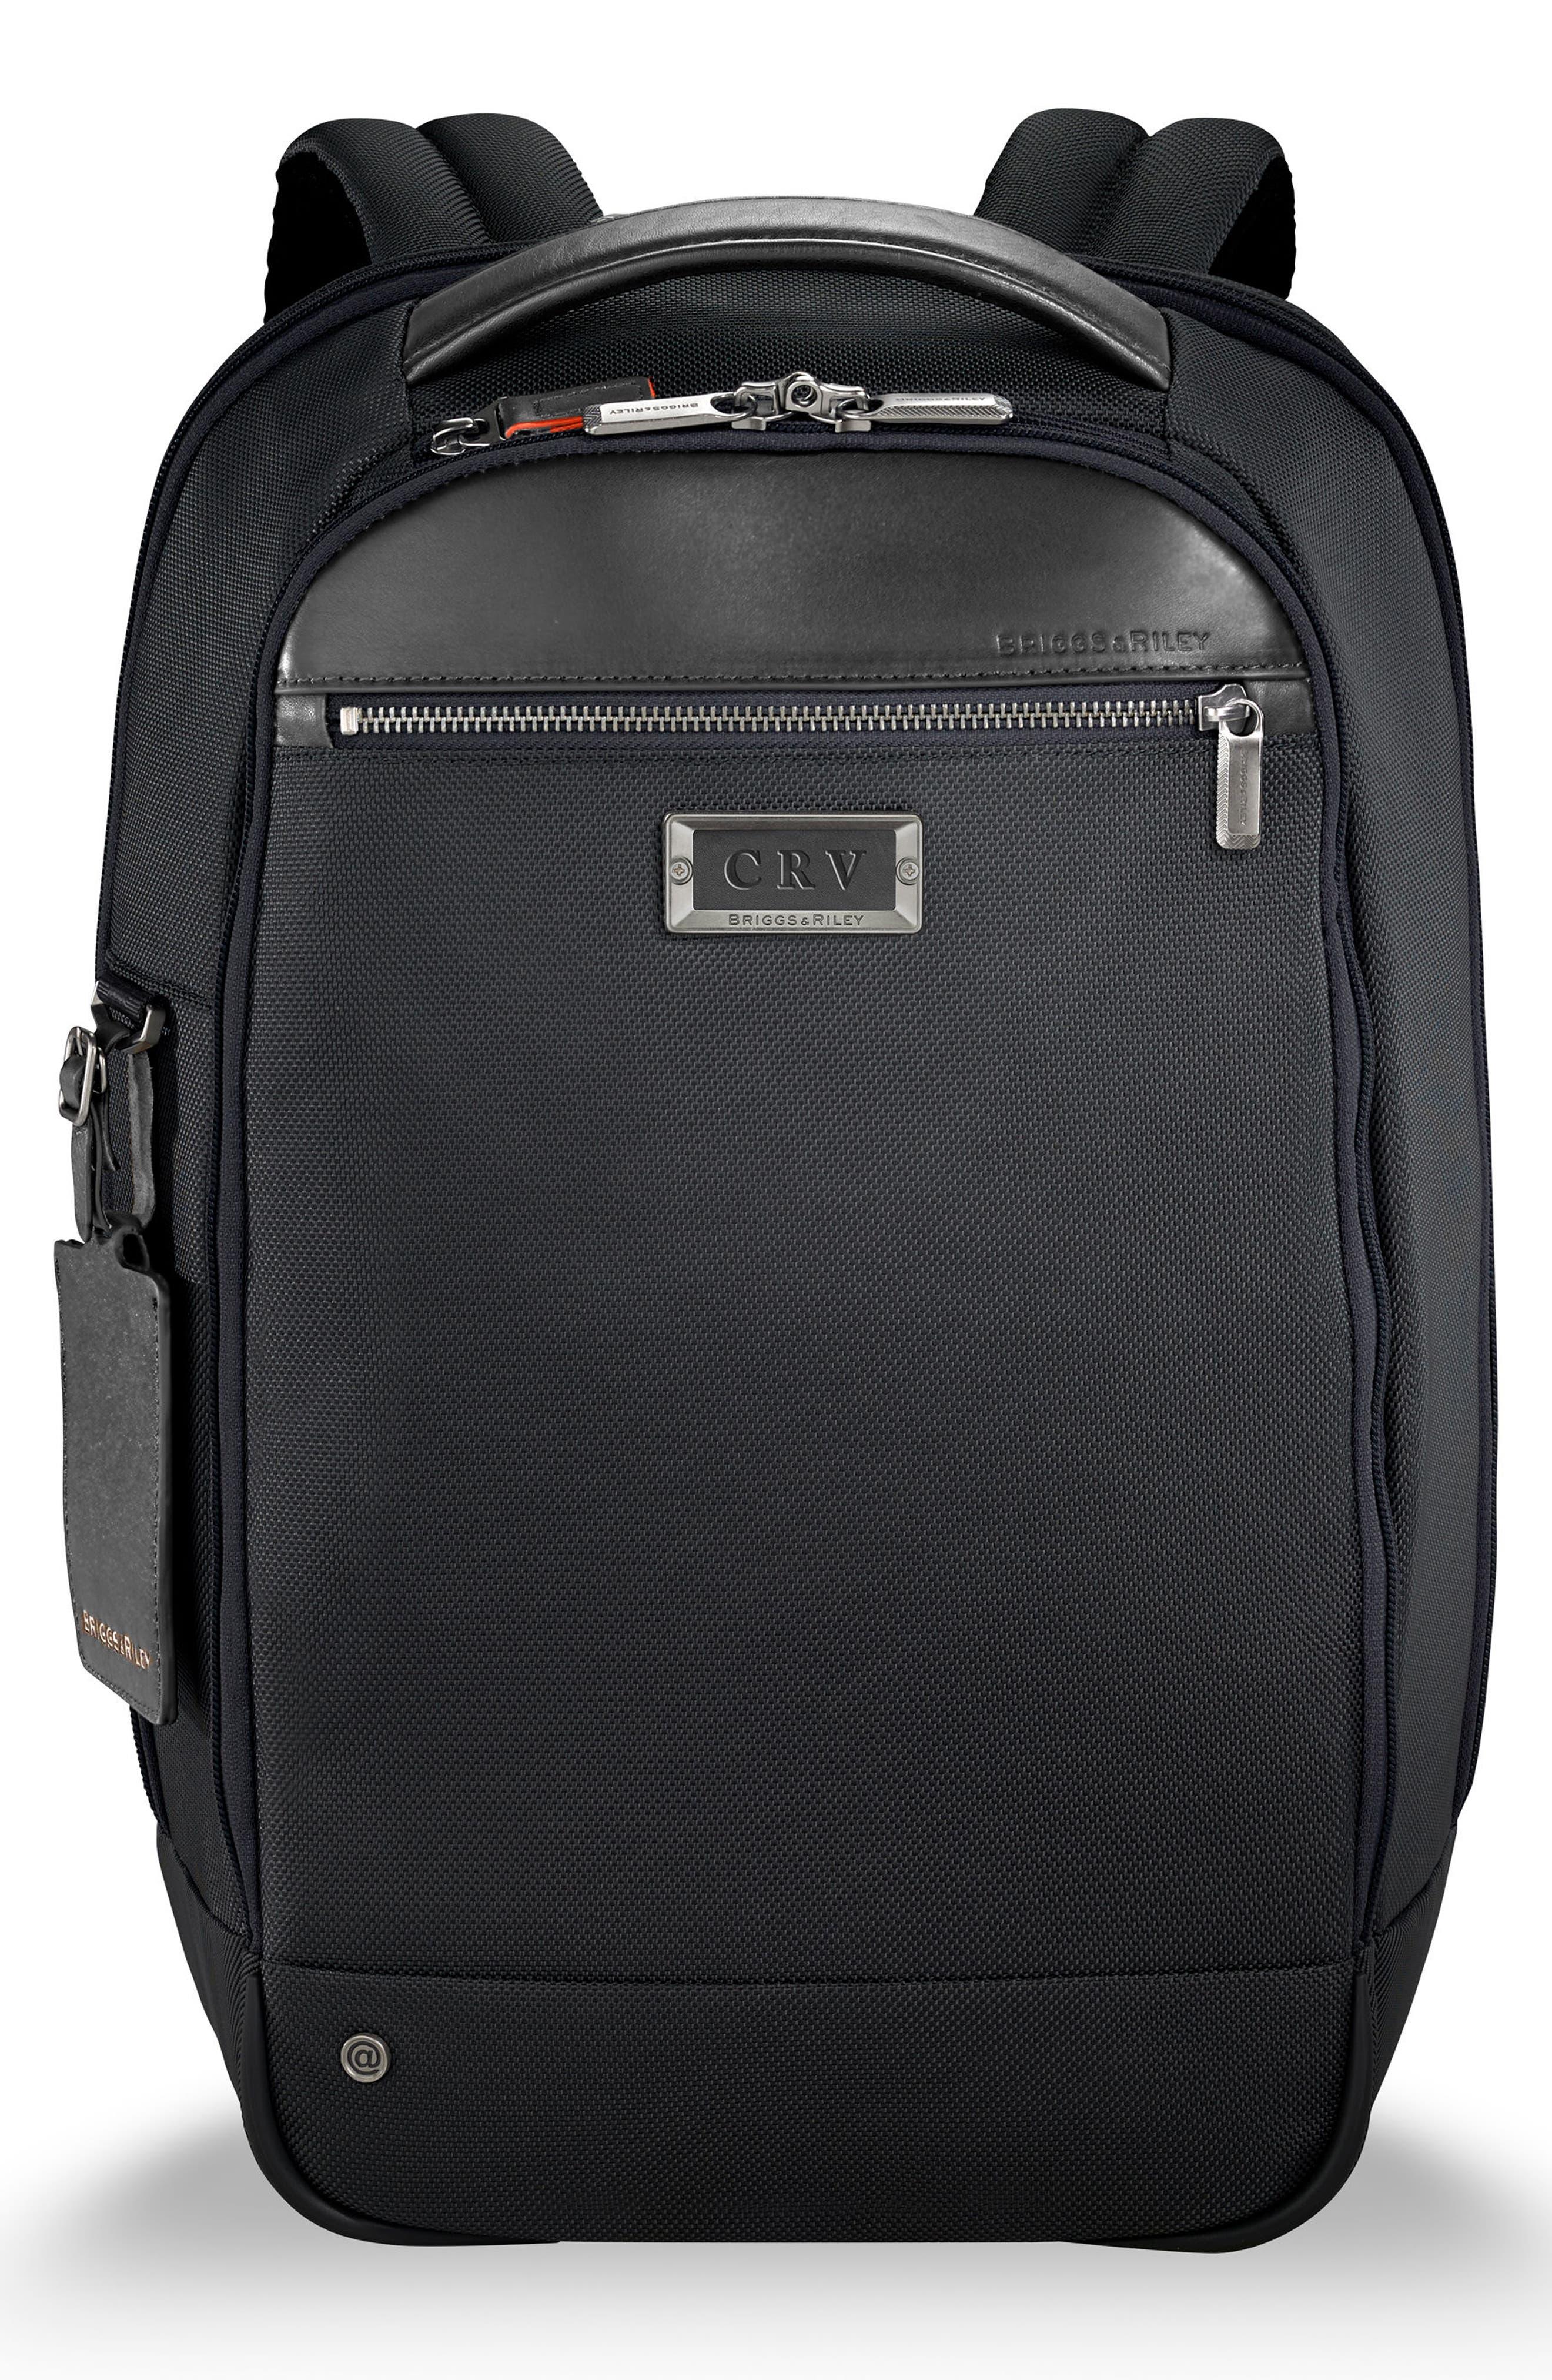 @Work Medium Slim Backpack by Briggs & Riley